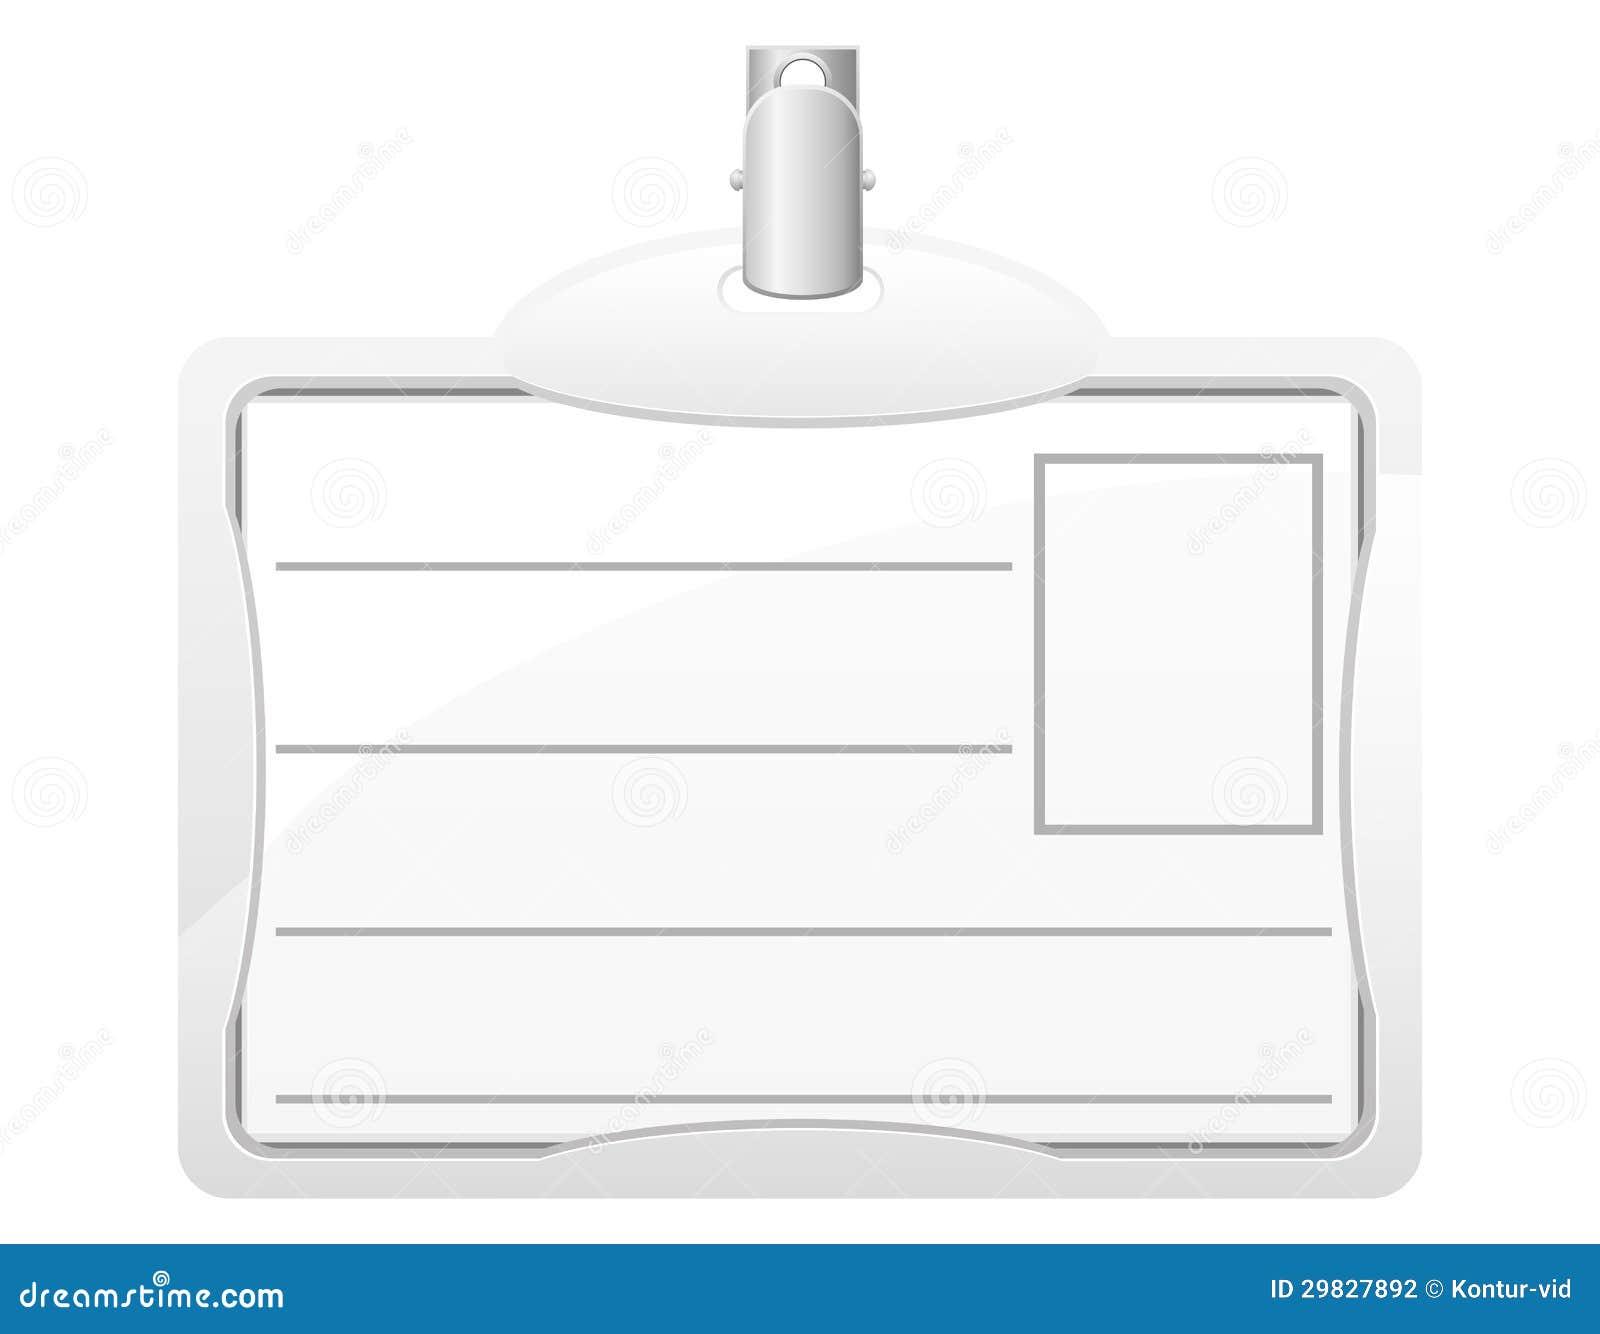 Ilustração do vetor do cartão de identidade